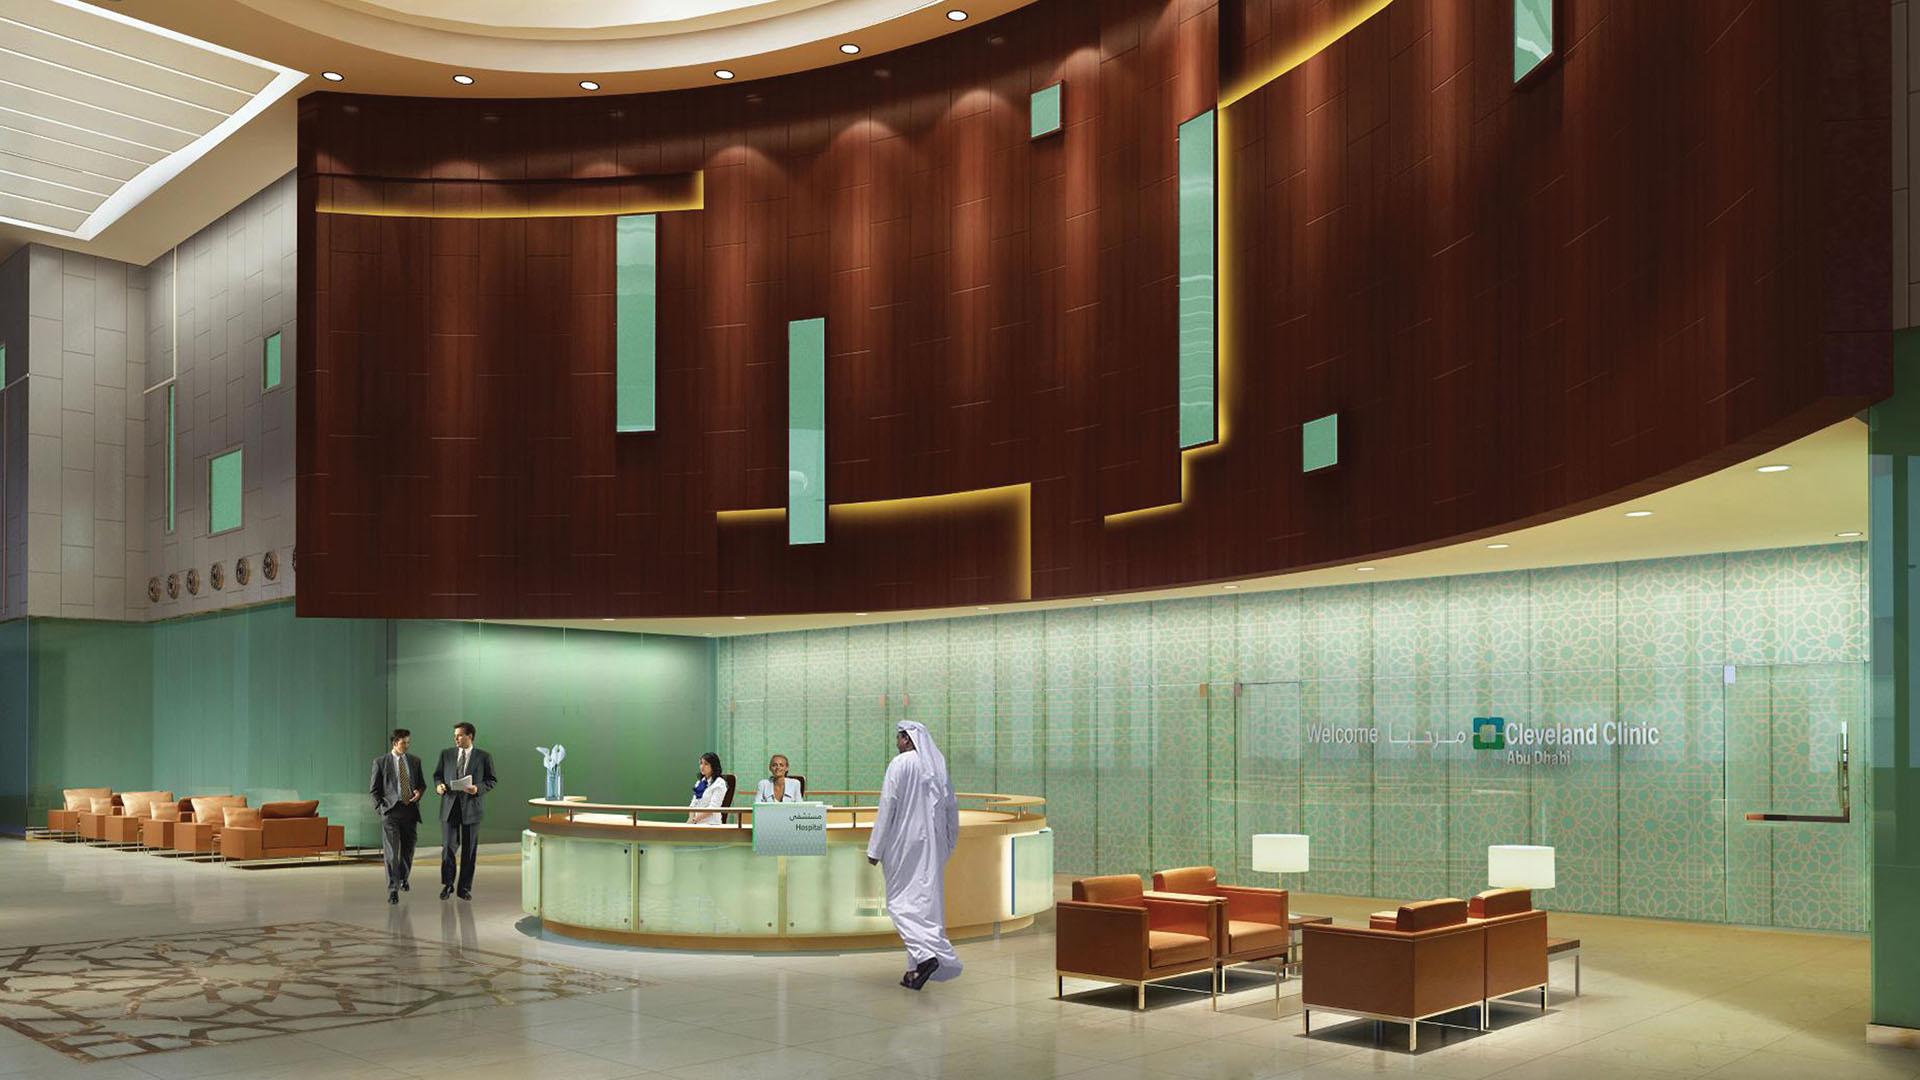 A 7 Star Hospital